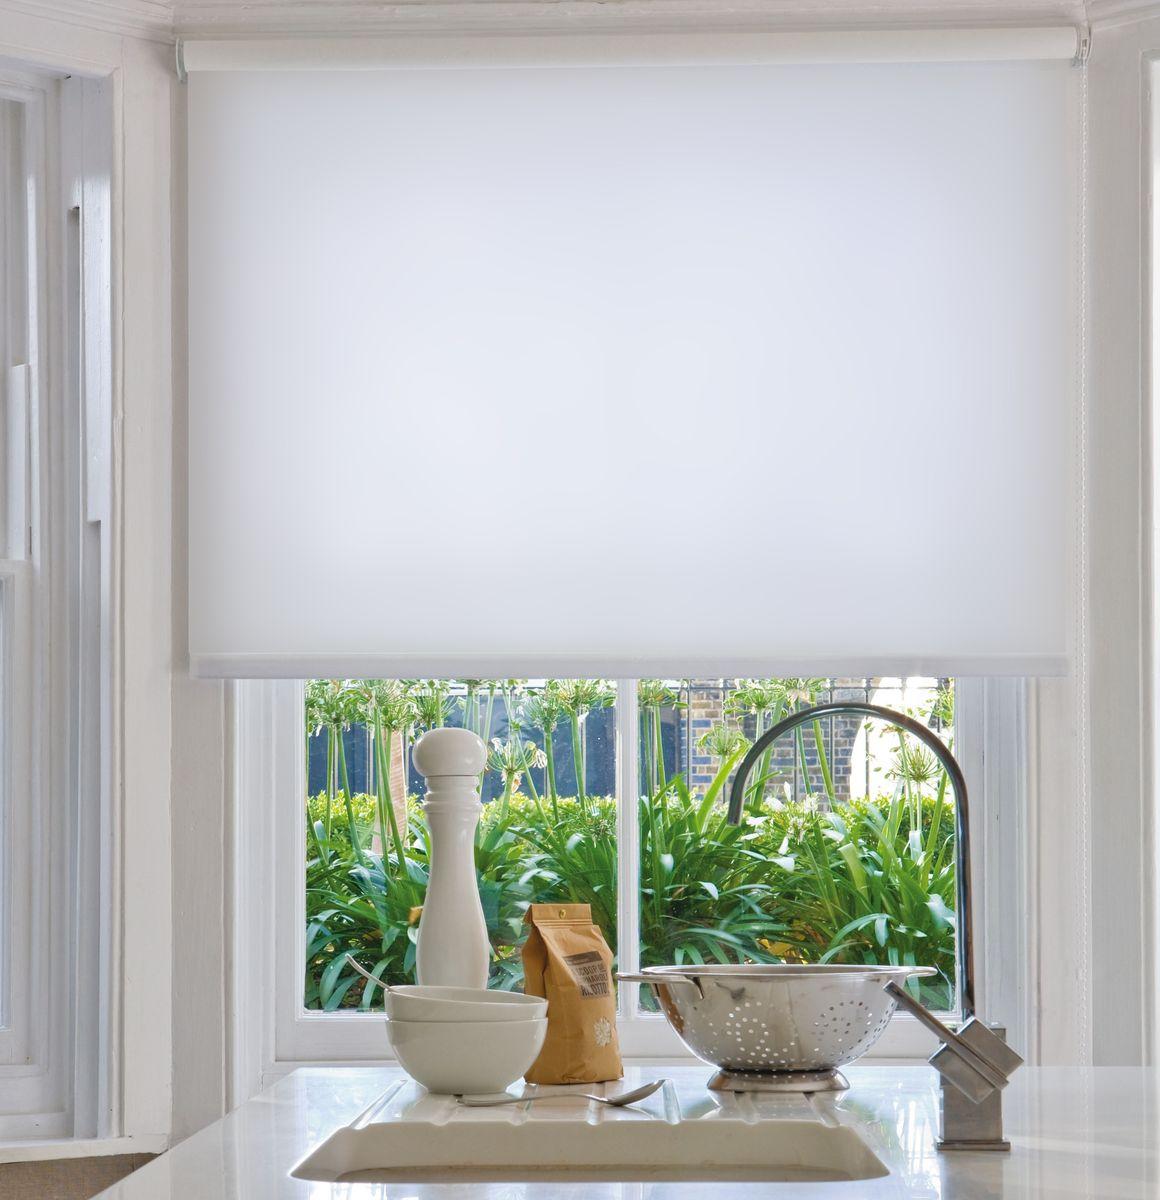 Штора рулонная Эскар Миниролло, цвет: белый, ширина 115 см, высота 170 см31008115170Рулонными шторами можно оформлять окна как самостоятельно, так и использовать в комбинации с портьерами. Это поможет предотвратить выгорание дорогой ткани на солнце и соединит функционал рулонных с красотой навесных. Преимущества применения рулонных штор для пластиковых окон: - имеют прекрасный внешний вид: многообразие и фактурность материала изделия отлично смотрятся в любом интерьере;- многофункциональны: есть возможность подобрать шторы способные эффективно защитить комнату от солнца, при этом она не будет слишком темной. - Есть возможность осуществить быстрый монтаж.ВНИМАНИЕ! Размеры ширины изделия указаны по ширине ткани! Во время эксплуатации не рекомендуется полностью разматывать рулон, чтобы не оторвать ткань от намоточного вала. В случае загрязнения поверхности ткани, чистку шторы проводят одним из способов, в зависимости от типа загрязнения:легкое поверхностное загрязнение можно удалить при помощи канцелярского ластика;чистка от пыли производится сухим методом при помощи пылесоса с мягкой щеткой-насадкой;для удаления пятна используйте мягкую губку с пенообразующим неагрессивным моющим средством или пятновыводитель на натуральной основе (нельзя применять растворители).